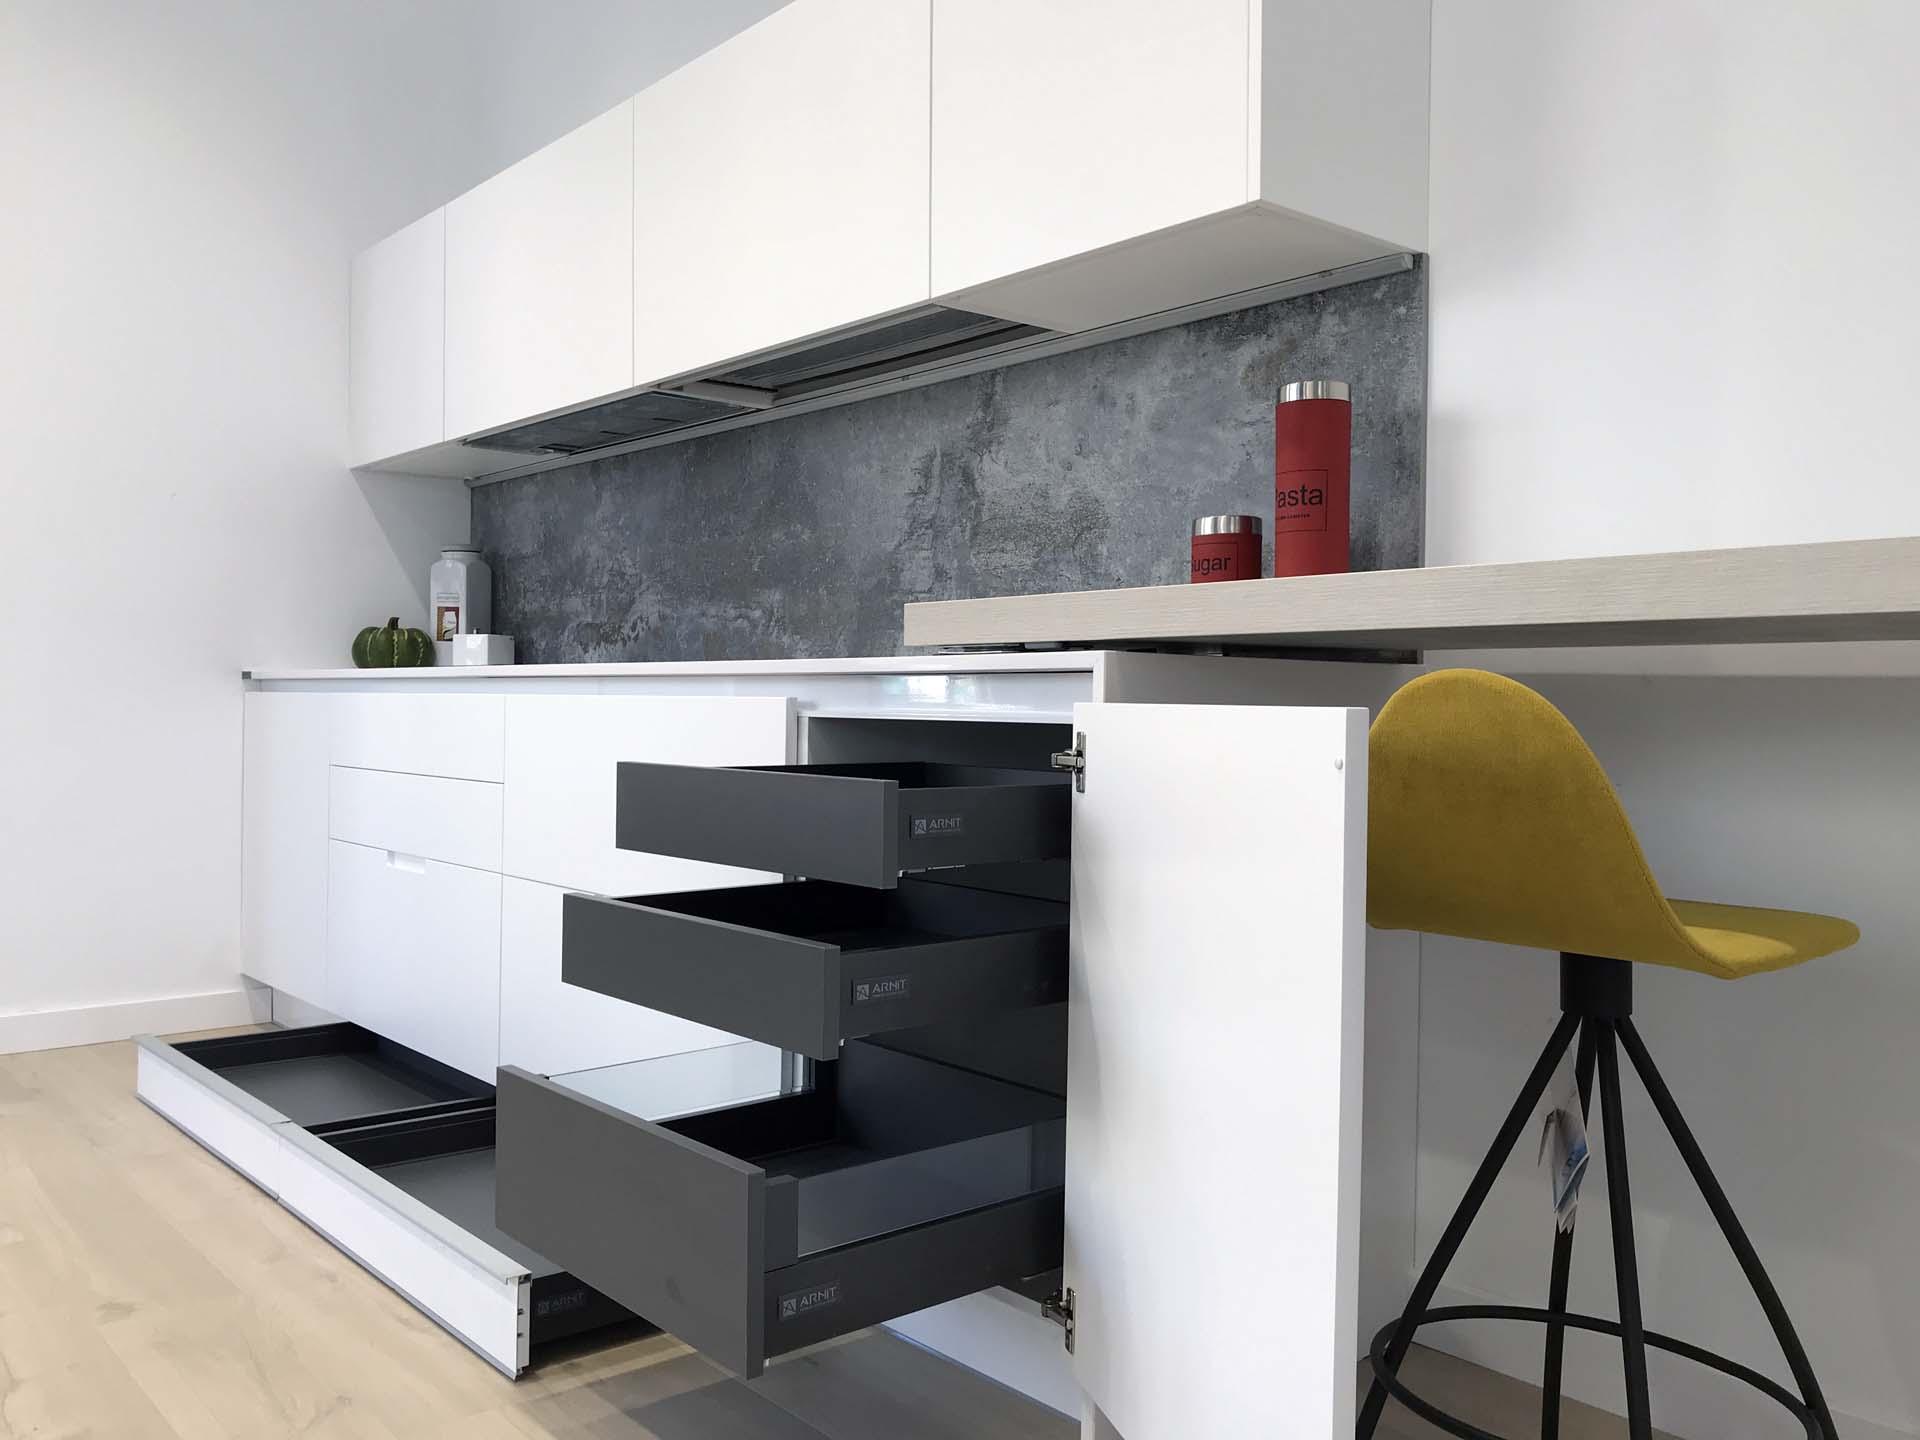 cocina blanca cajones antracita